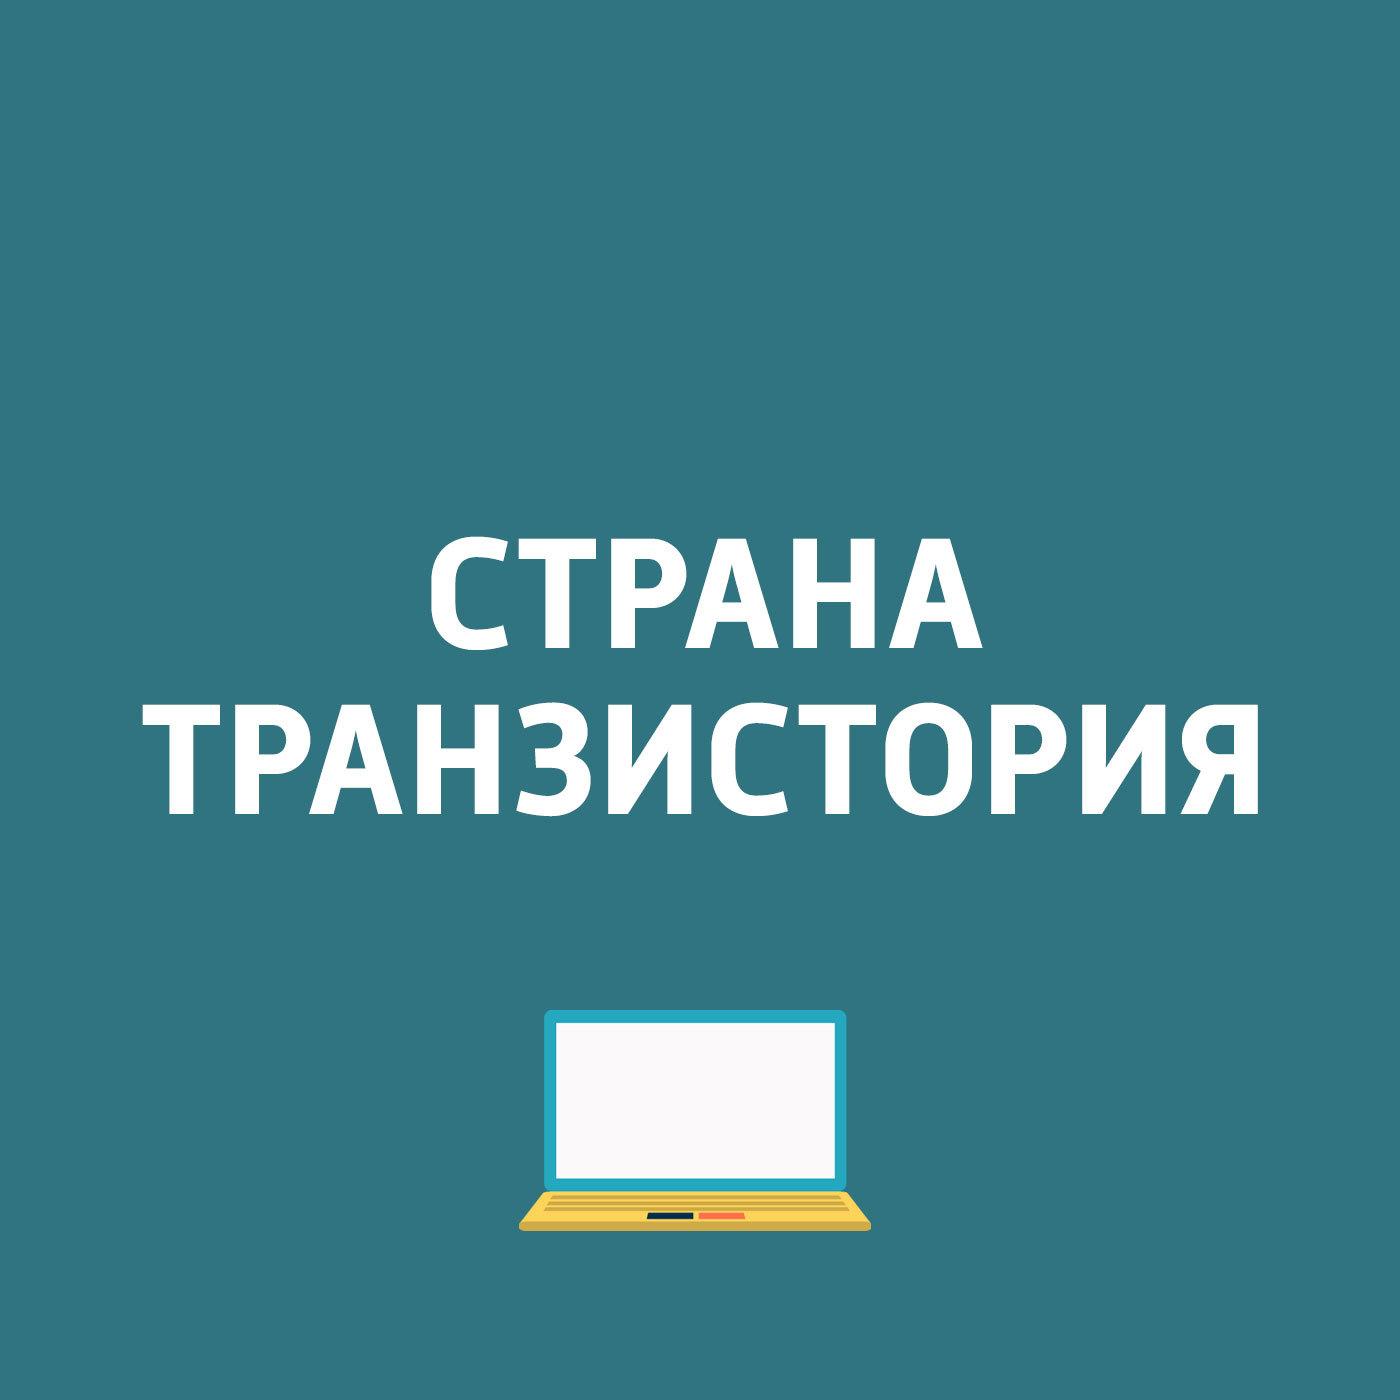 HTC 10 evo; ZTEоткрыла в России интернет-магазин; Минтруд запустит портал для заключения трудовых договоров...